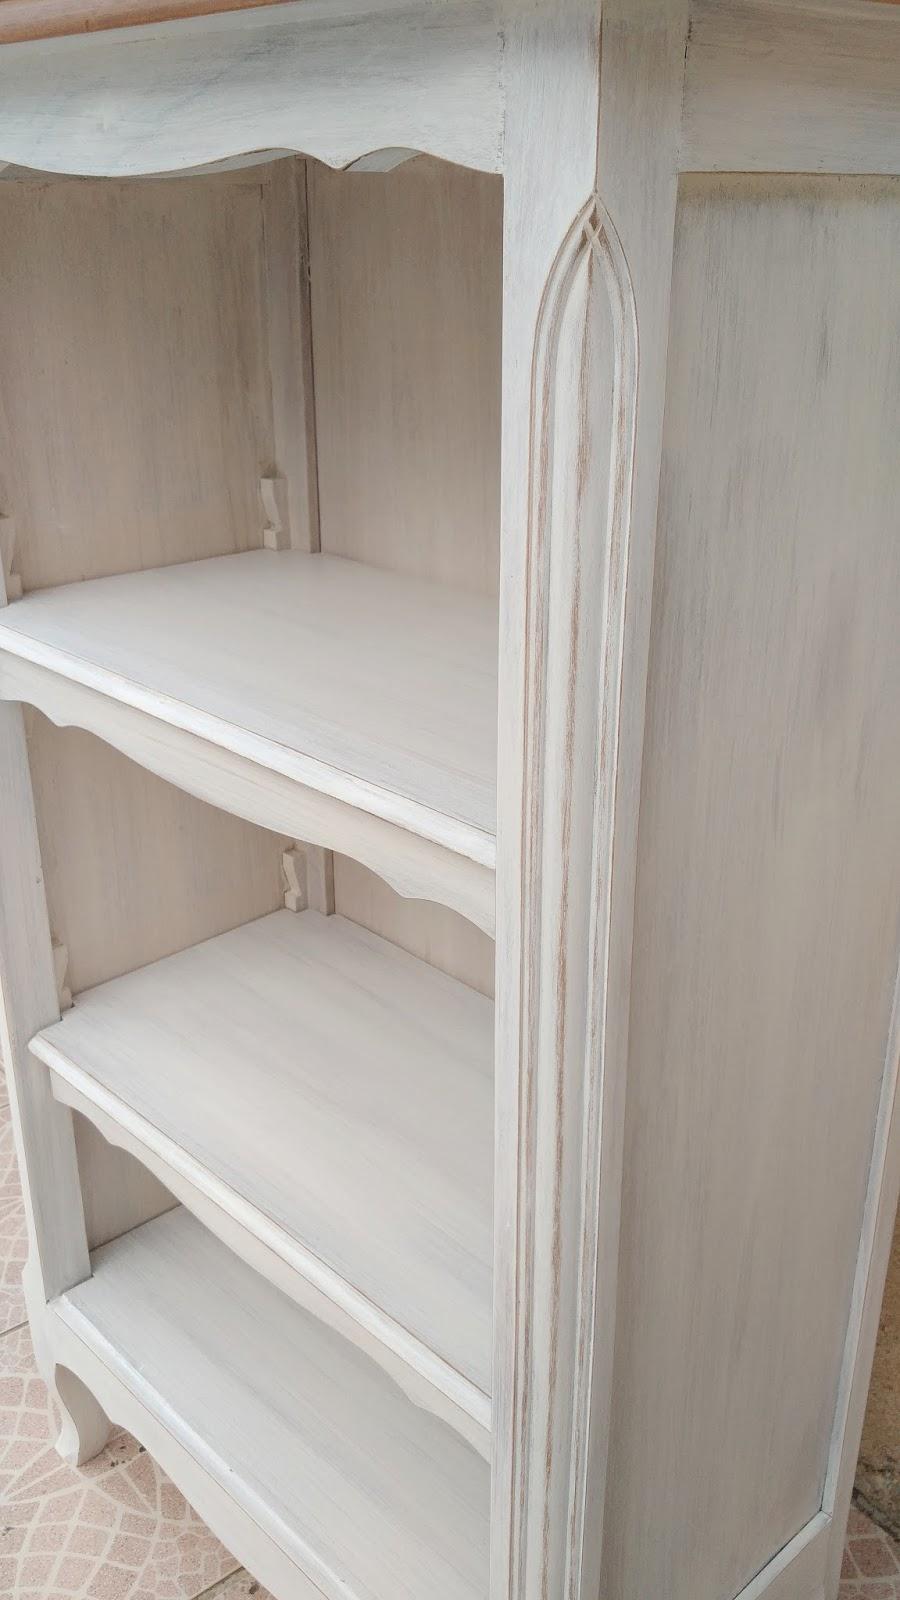 O 39 bois recycl meuble d 39 appoint restaur au go t du jour - Meuble ancien restaure ...